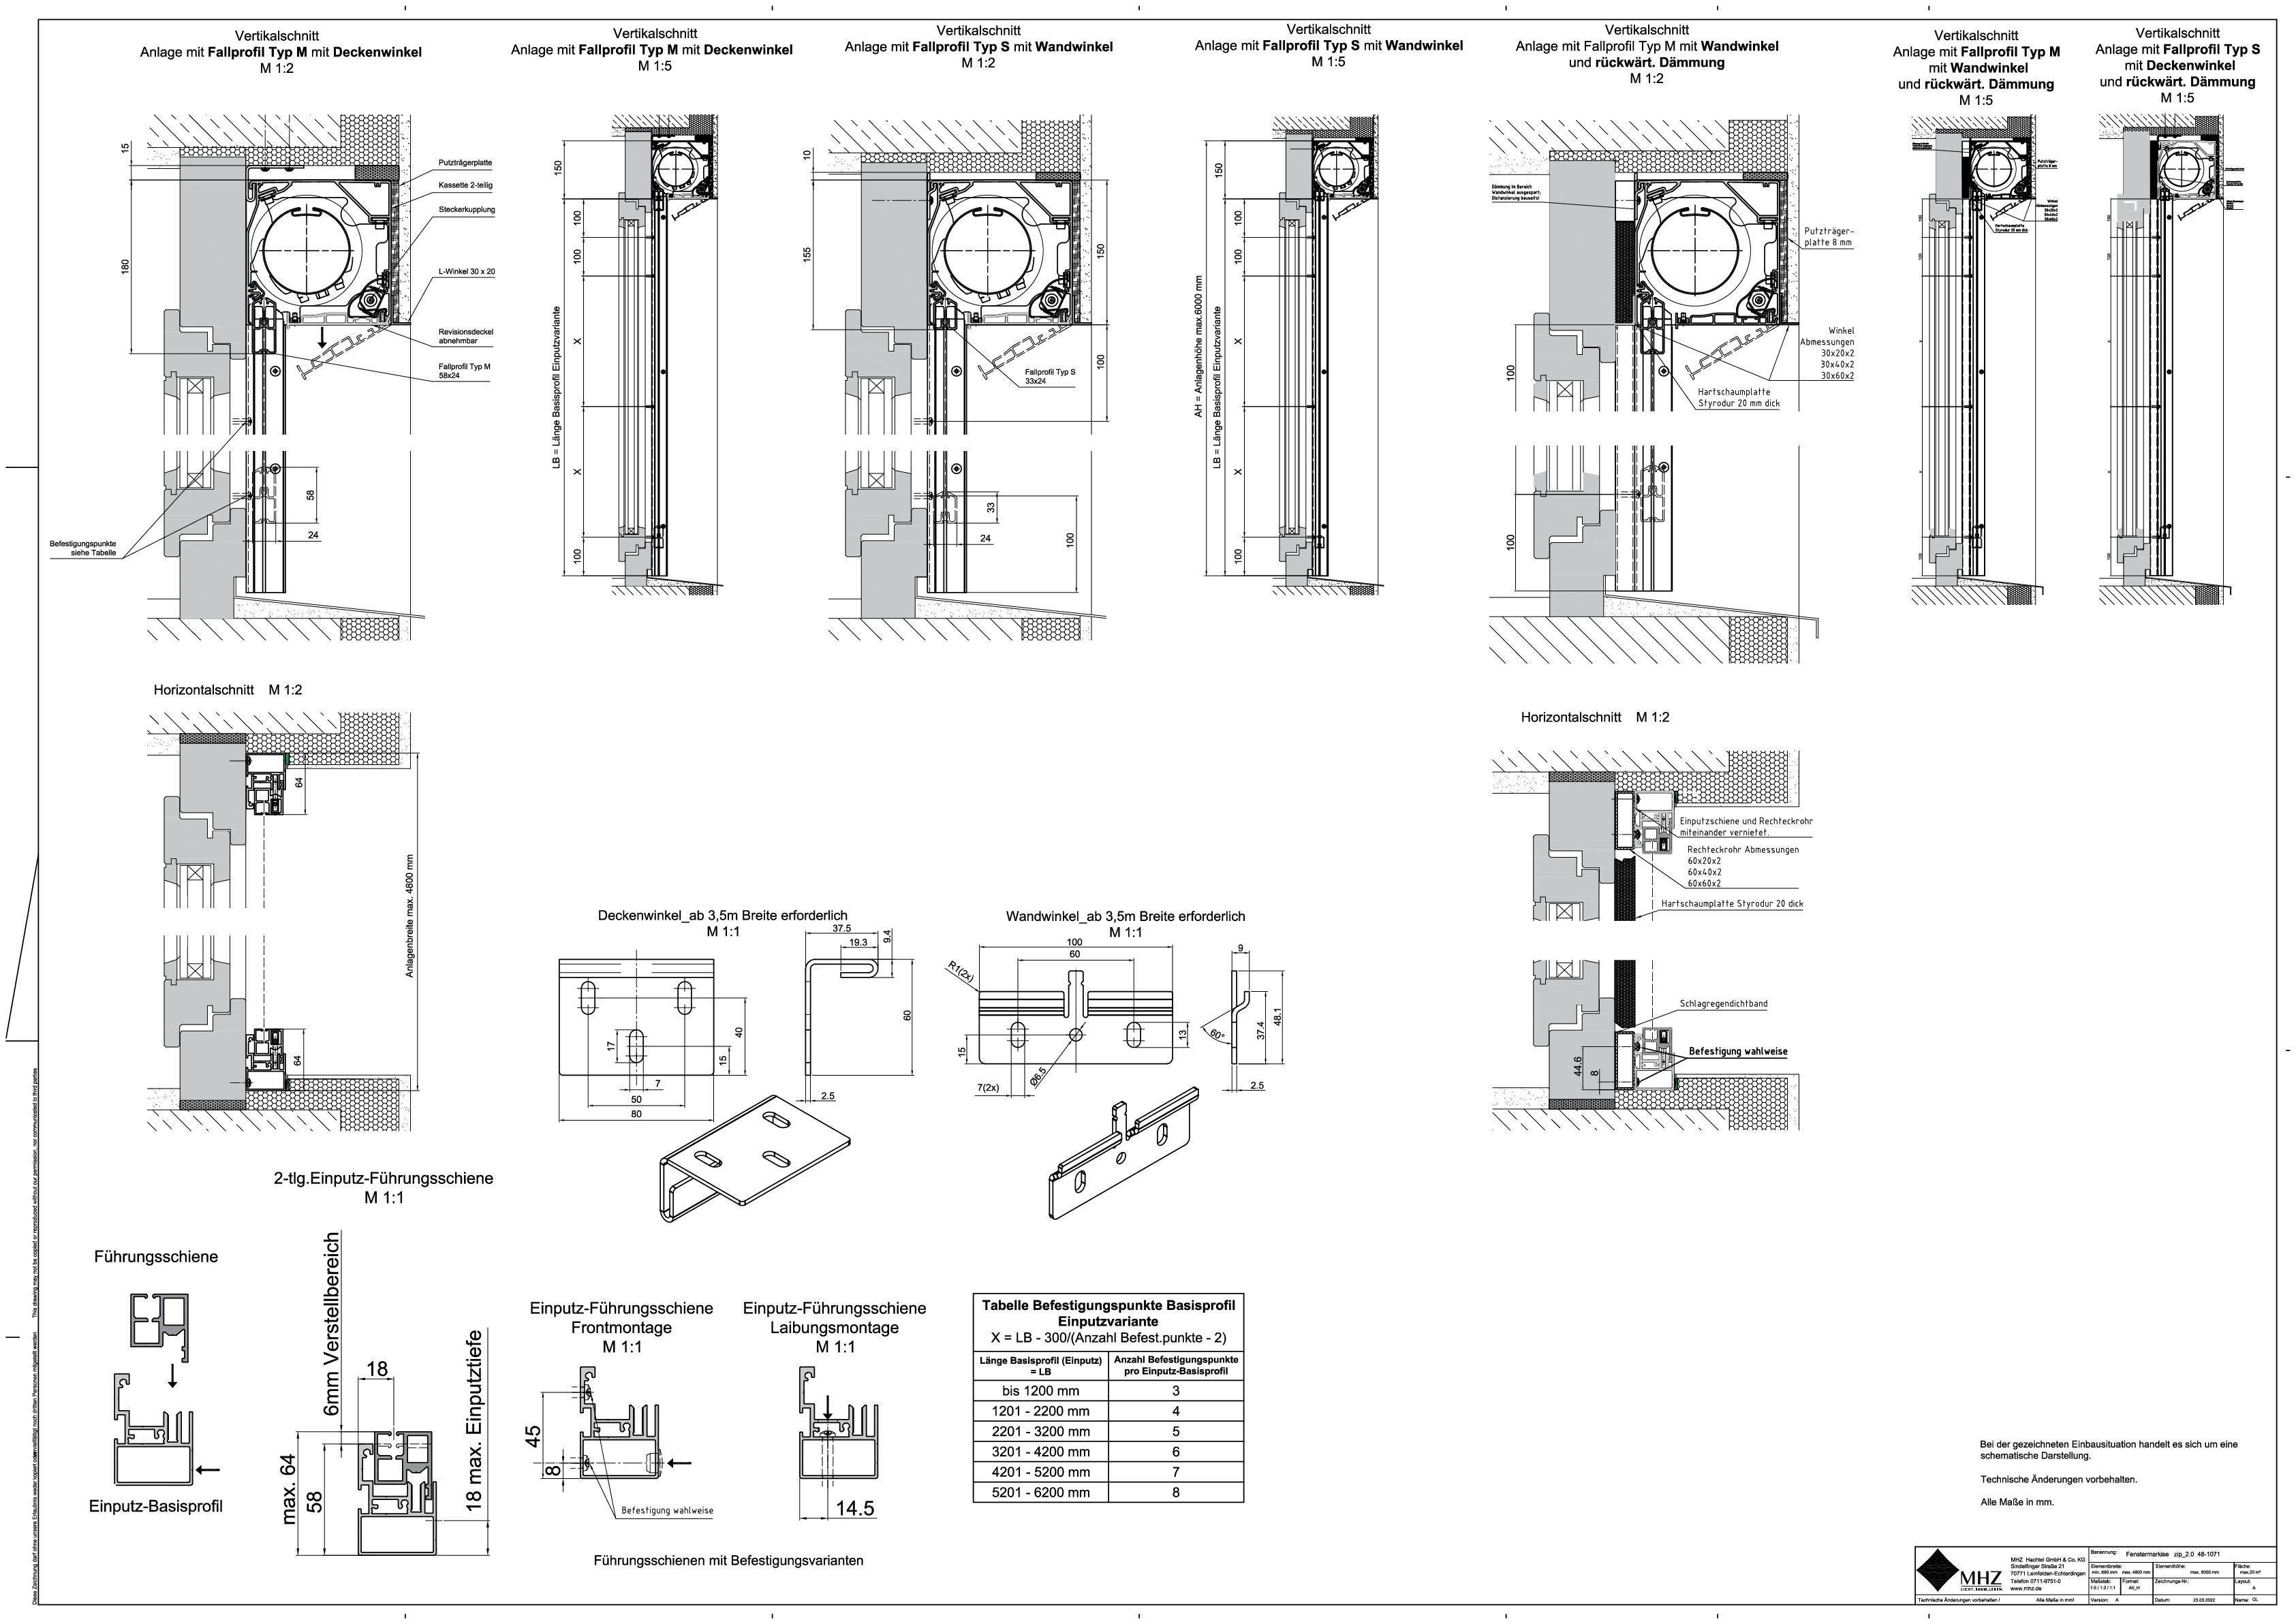 Technische Zeichnung Fenstermarkisen zip_2.0 48-1071 (pdf)